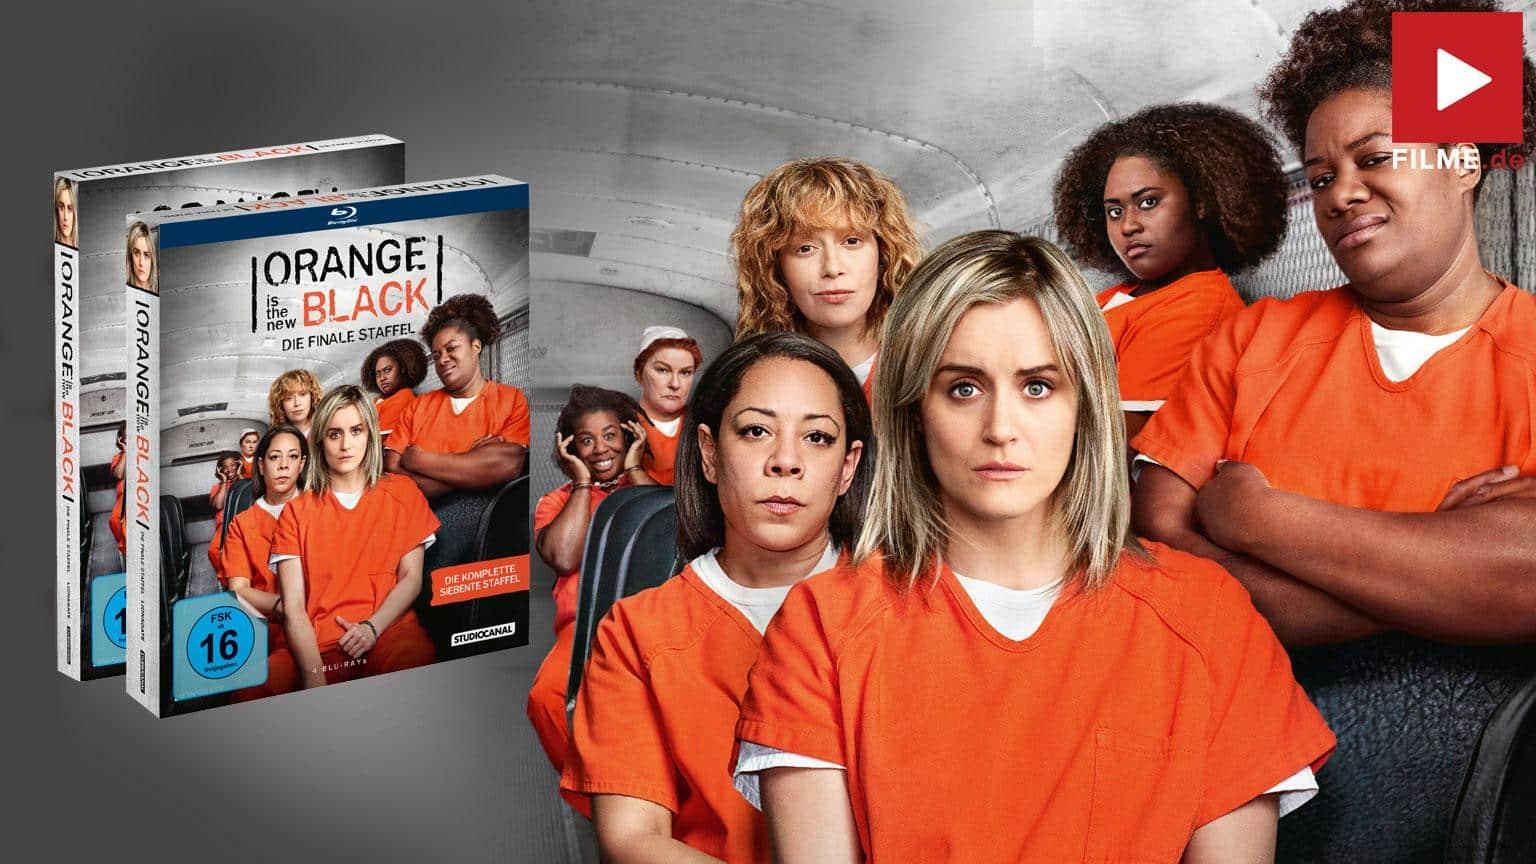 Orange is the New Black Staffel 7 Blu-ray DVD shop kaufen Gewinnspiel gewinnen Artikelbild